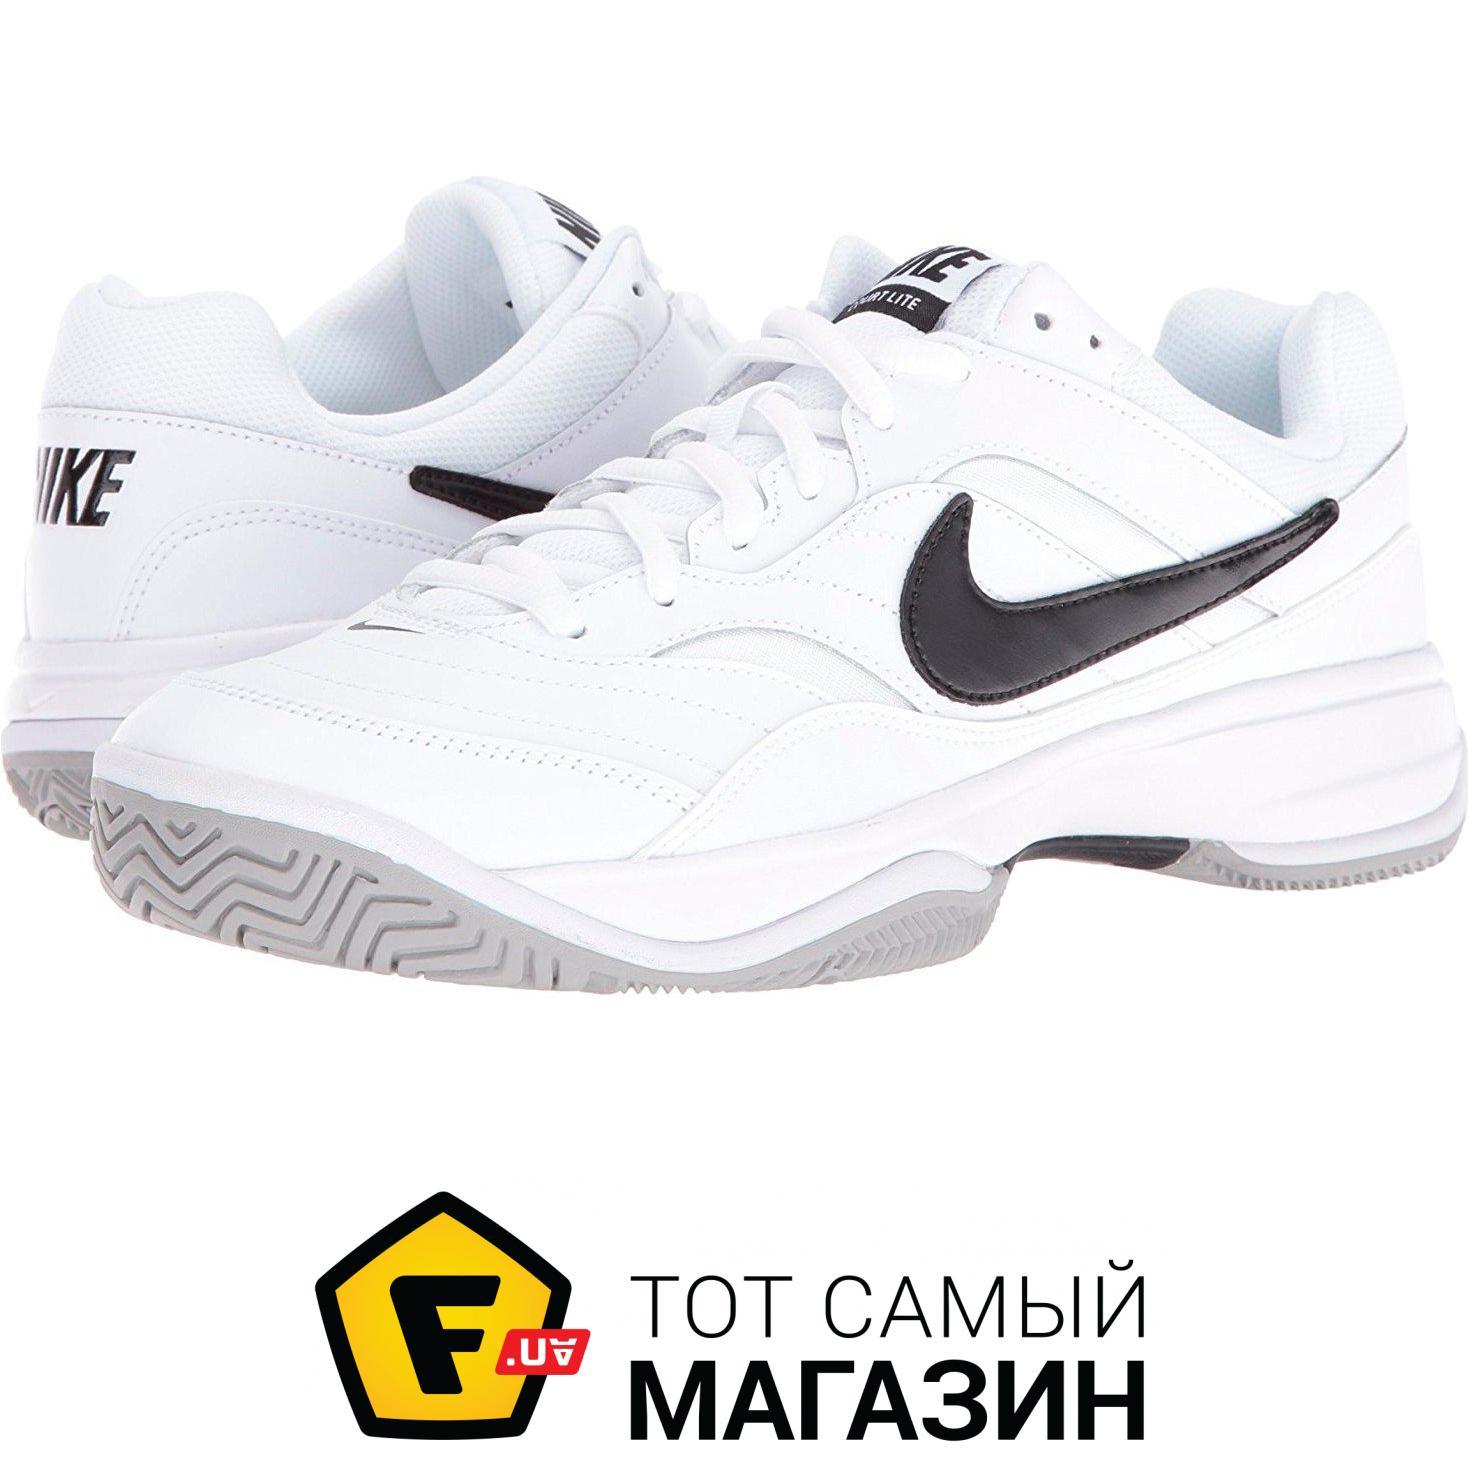 a2426b80 ᐈ NIKE Court Lite 12 US, white/black (845021-100) ~ Купить? ЦЕНА ...